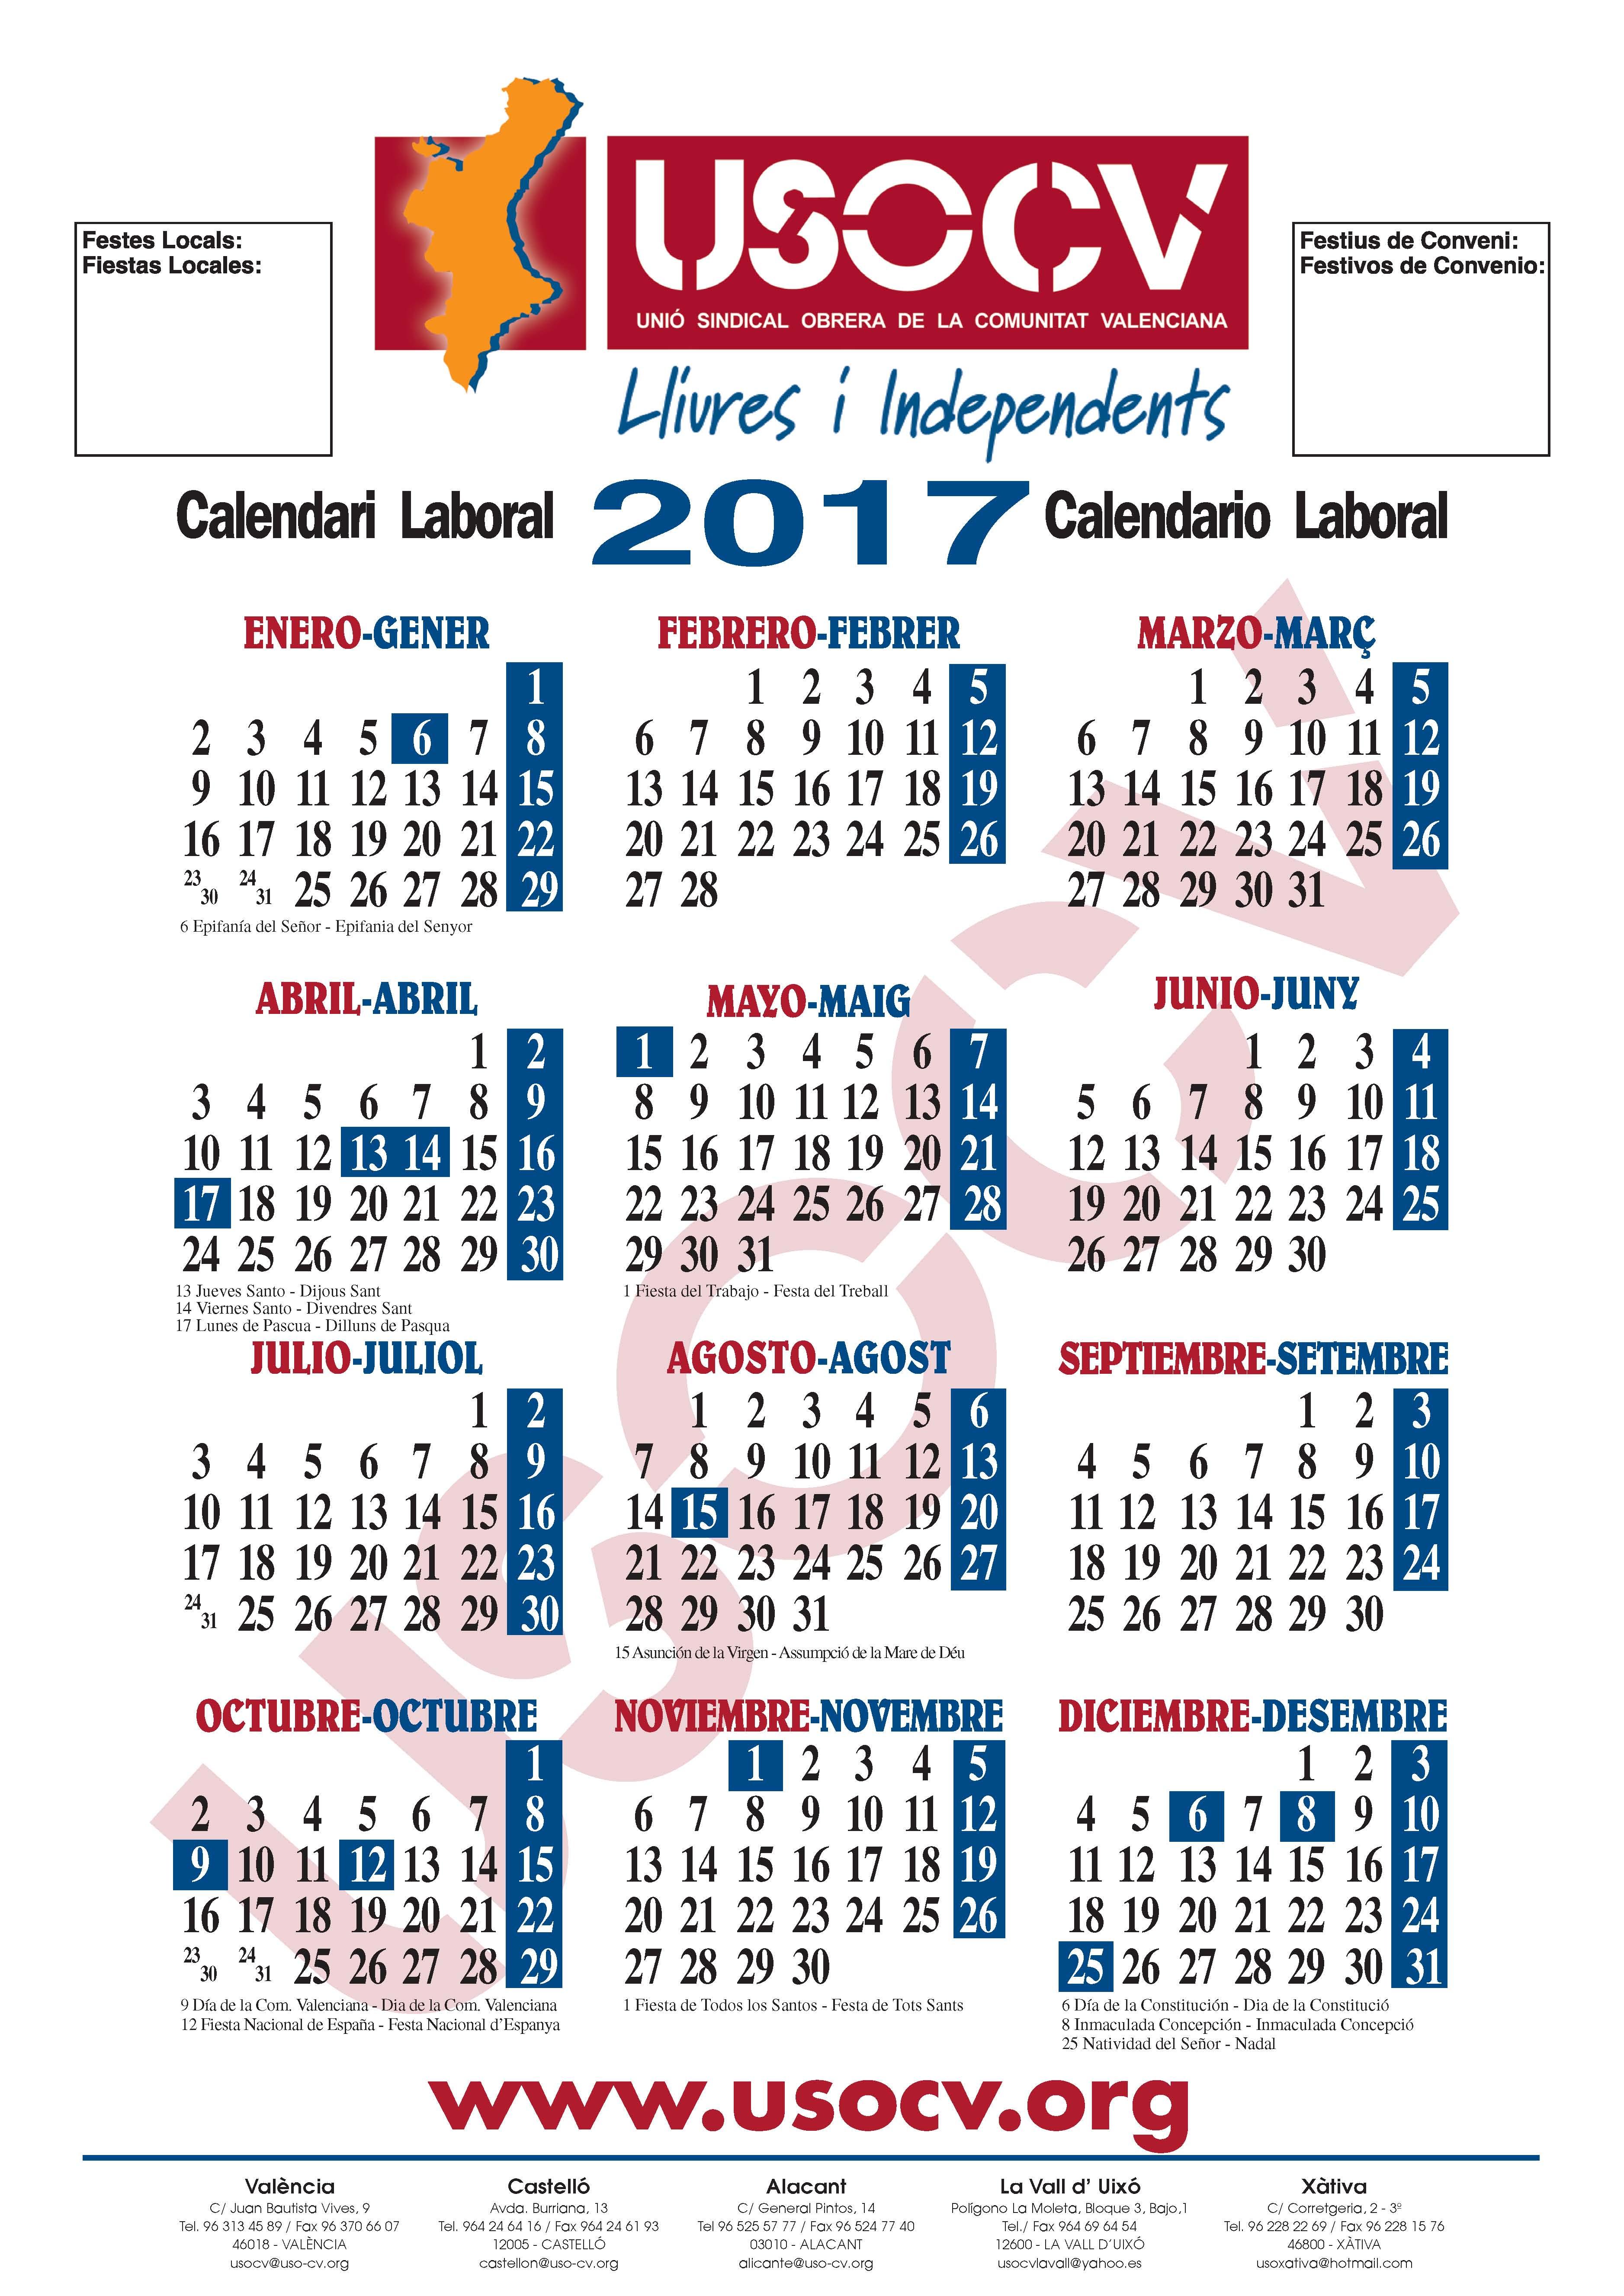 Calendario USOCV 2017